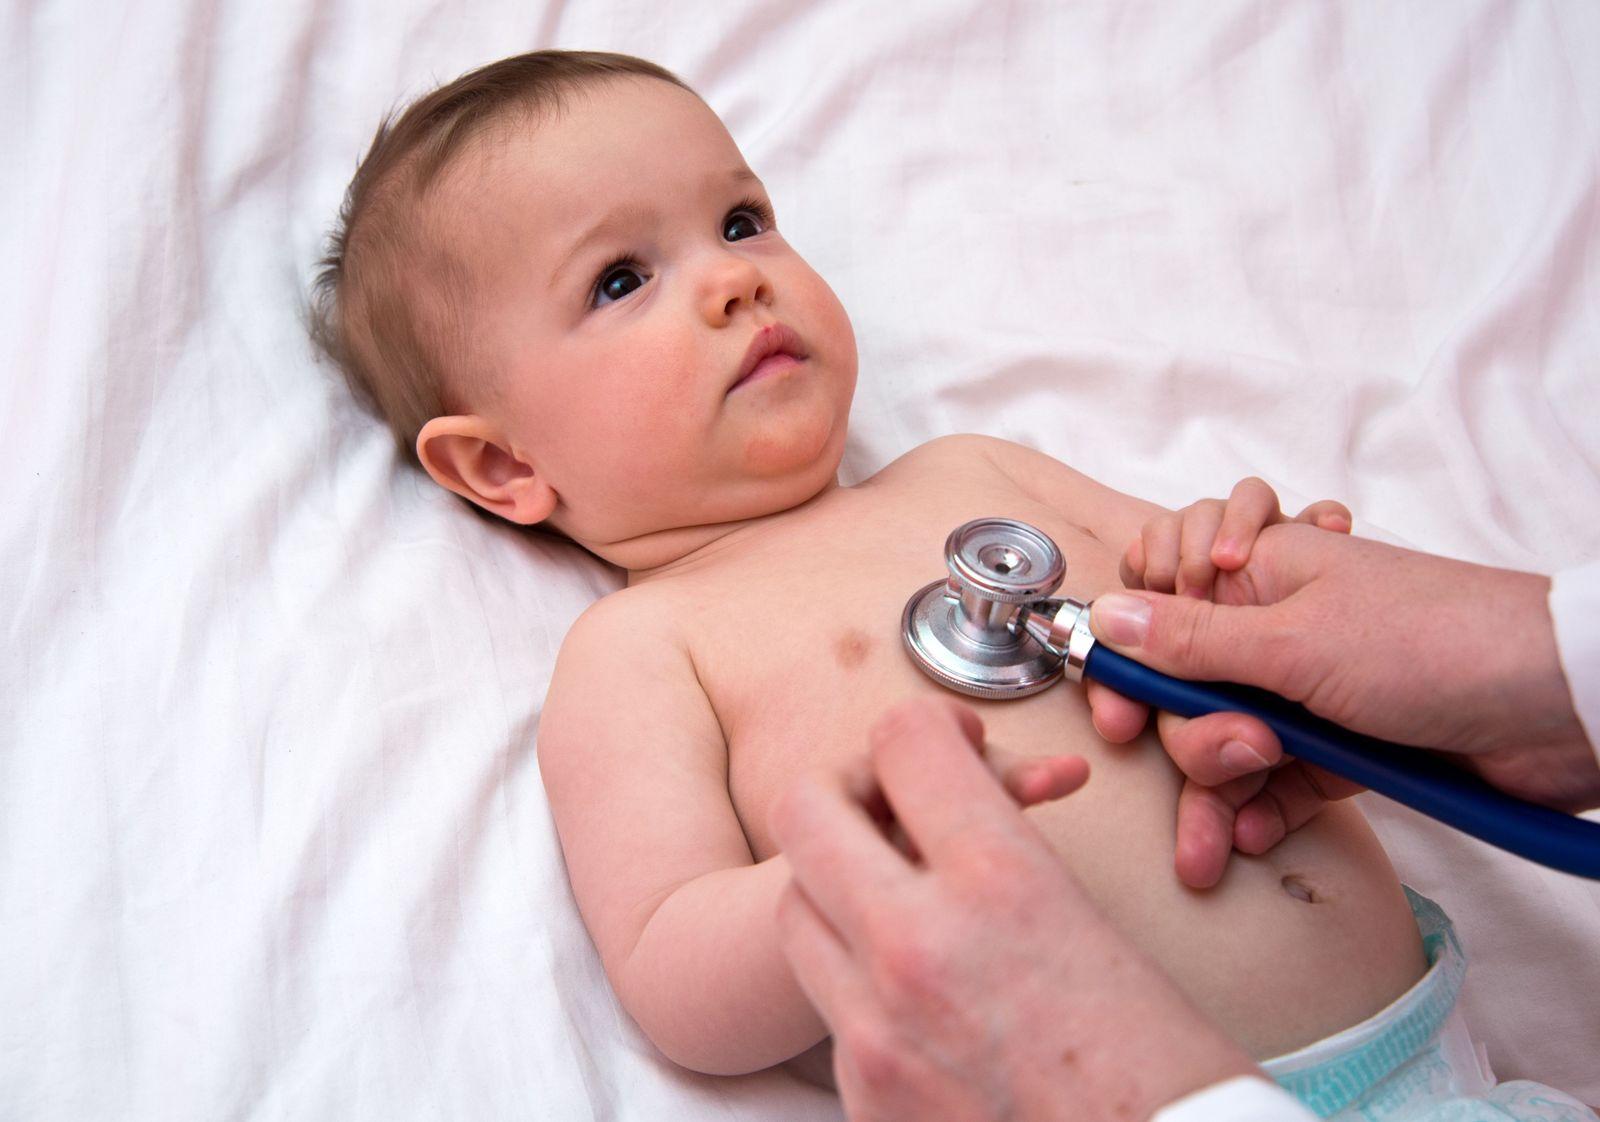 EINMALIGE VERWENDUNG Vorsorgeuntersuchung / Kinder